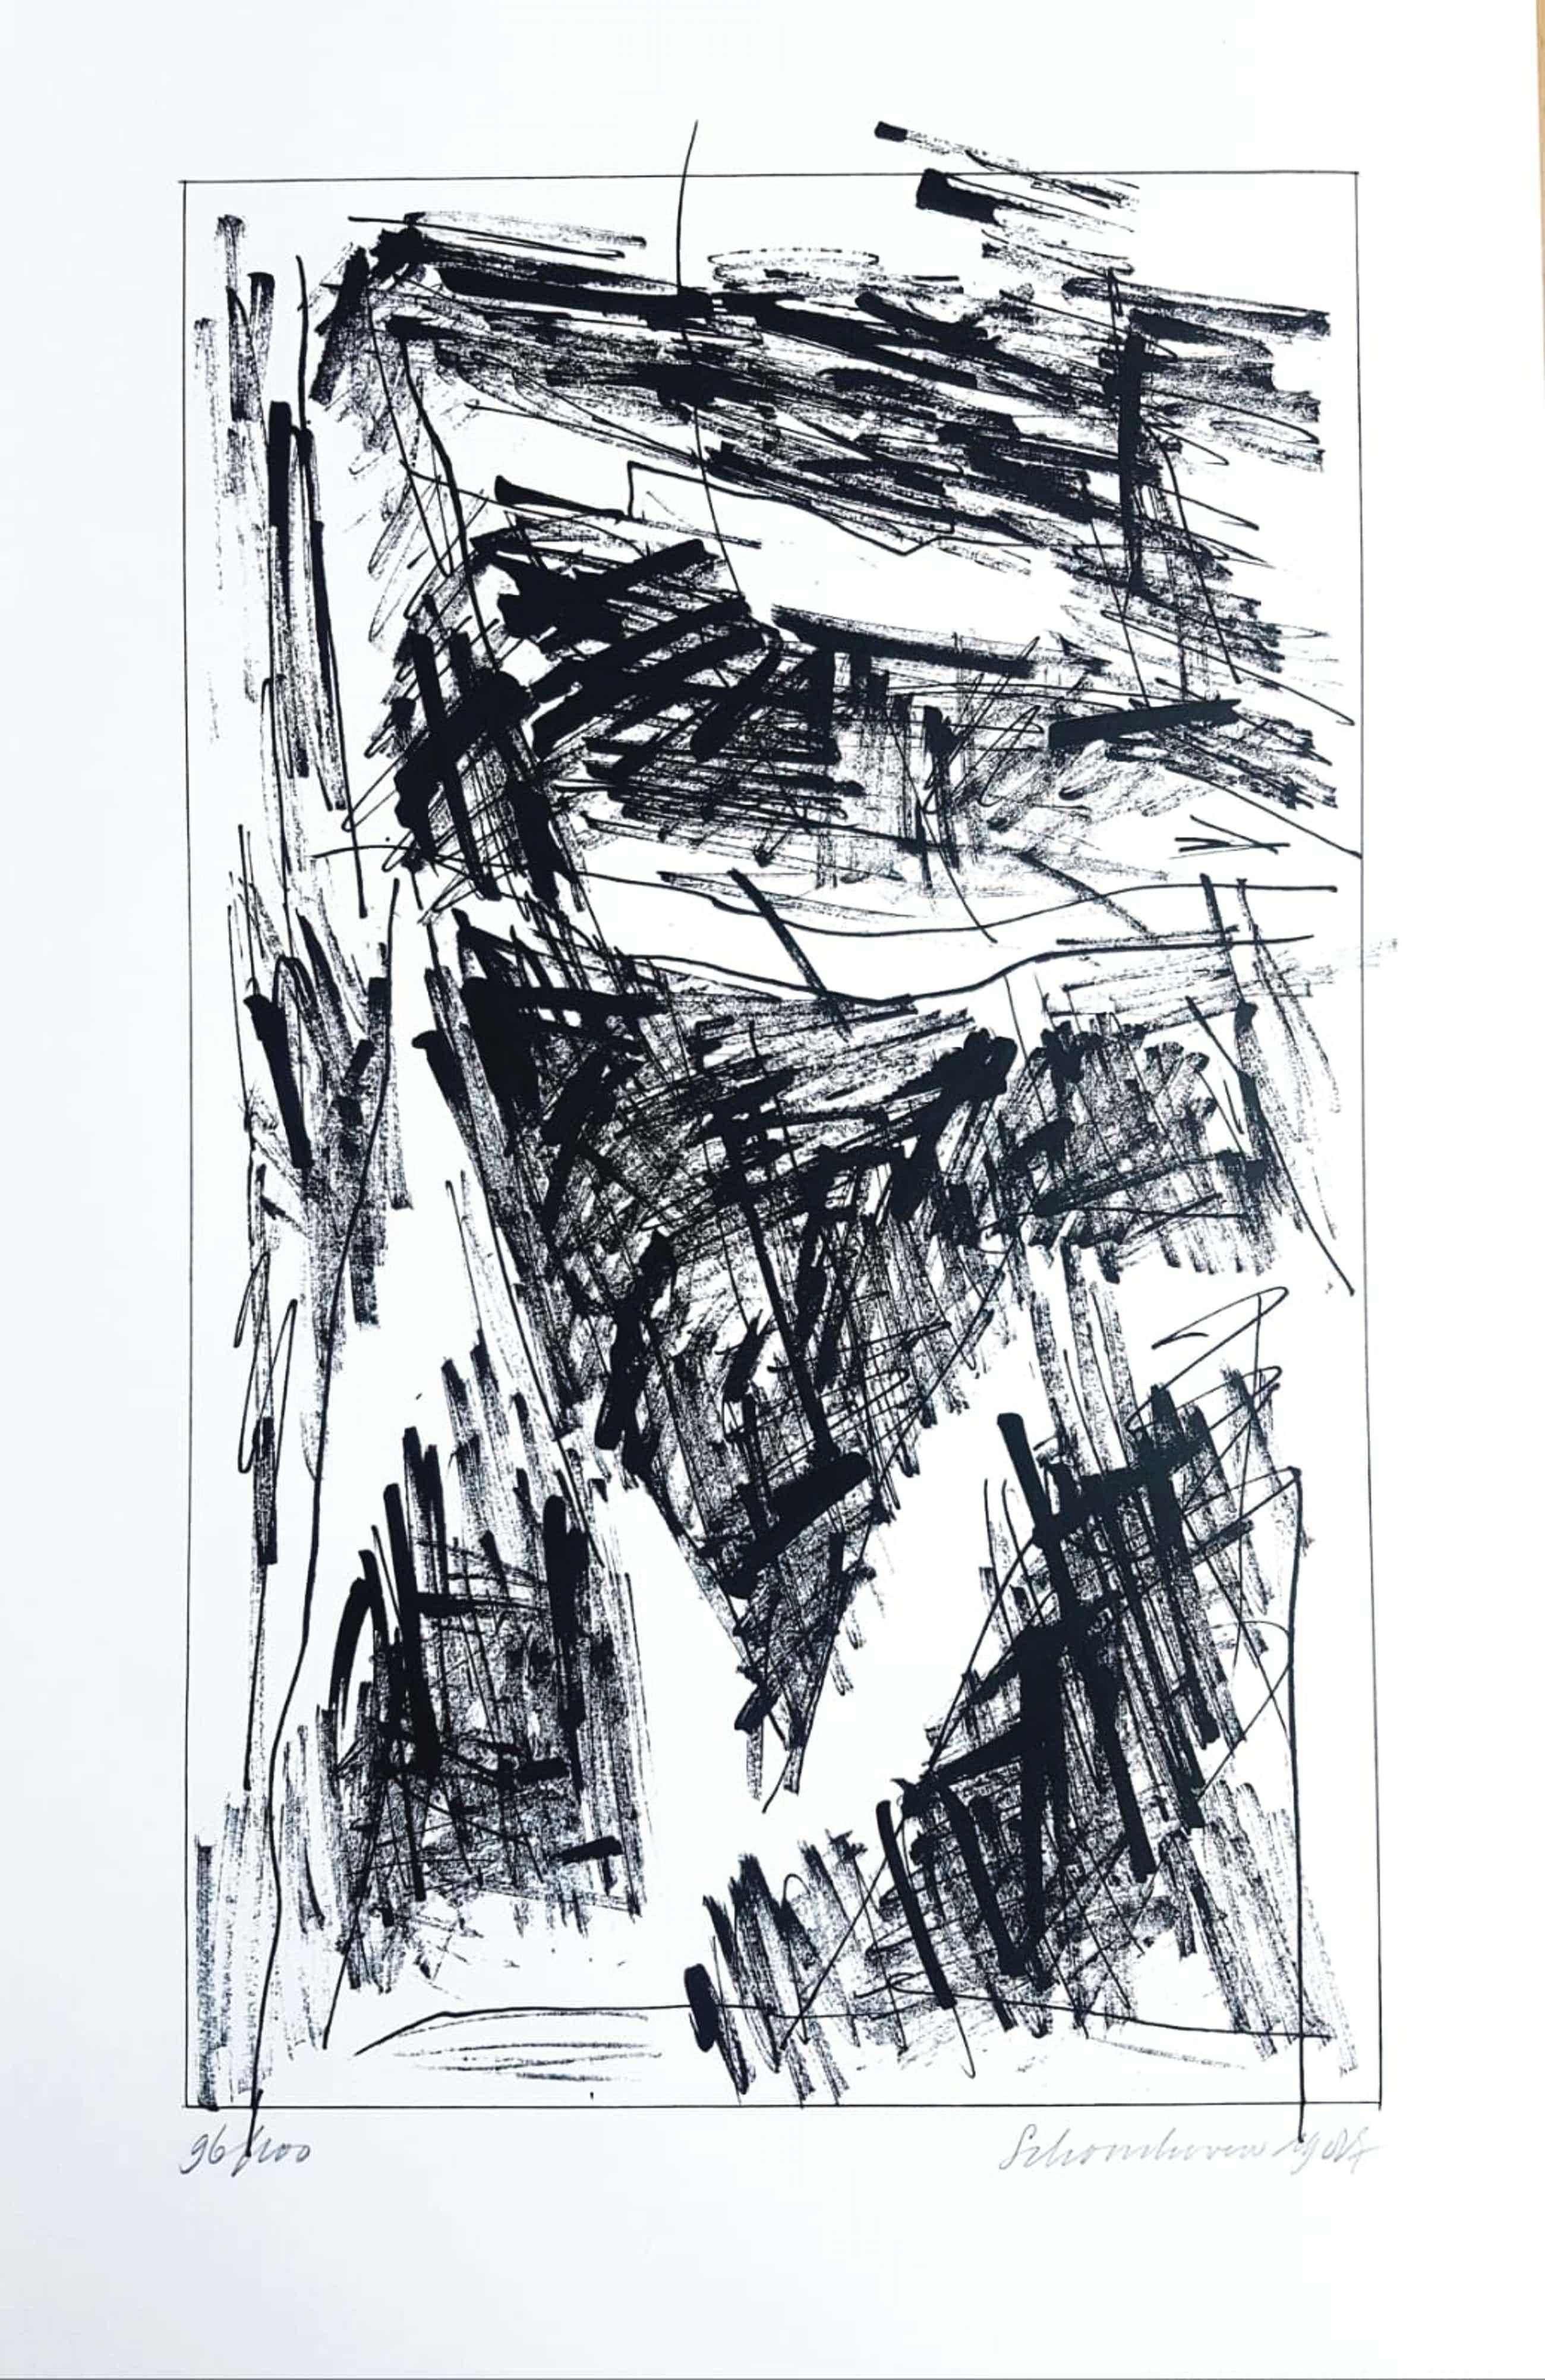 Jan Schoonhoven - Jan Schoonhoven 1914-1994 originele handgesigneerde,genummerde litho uit 1987 kopen? Bied vanaf 260!